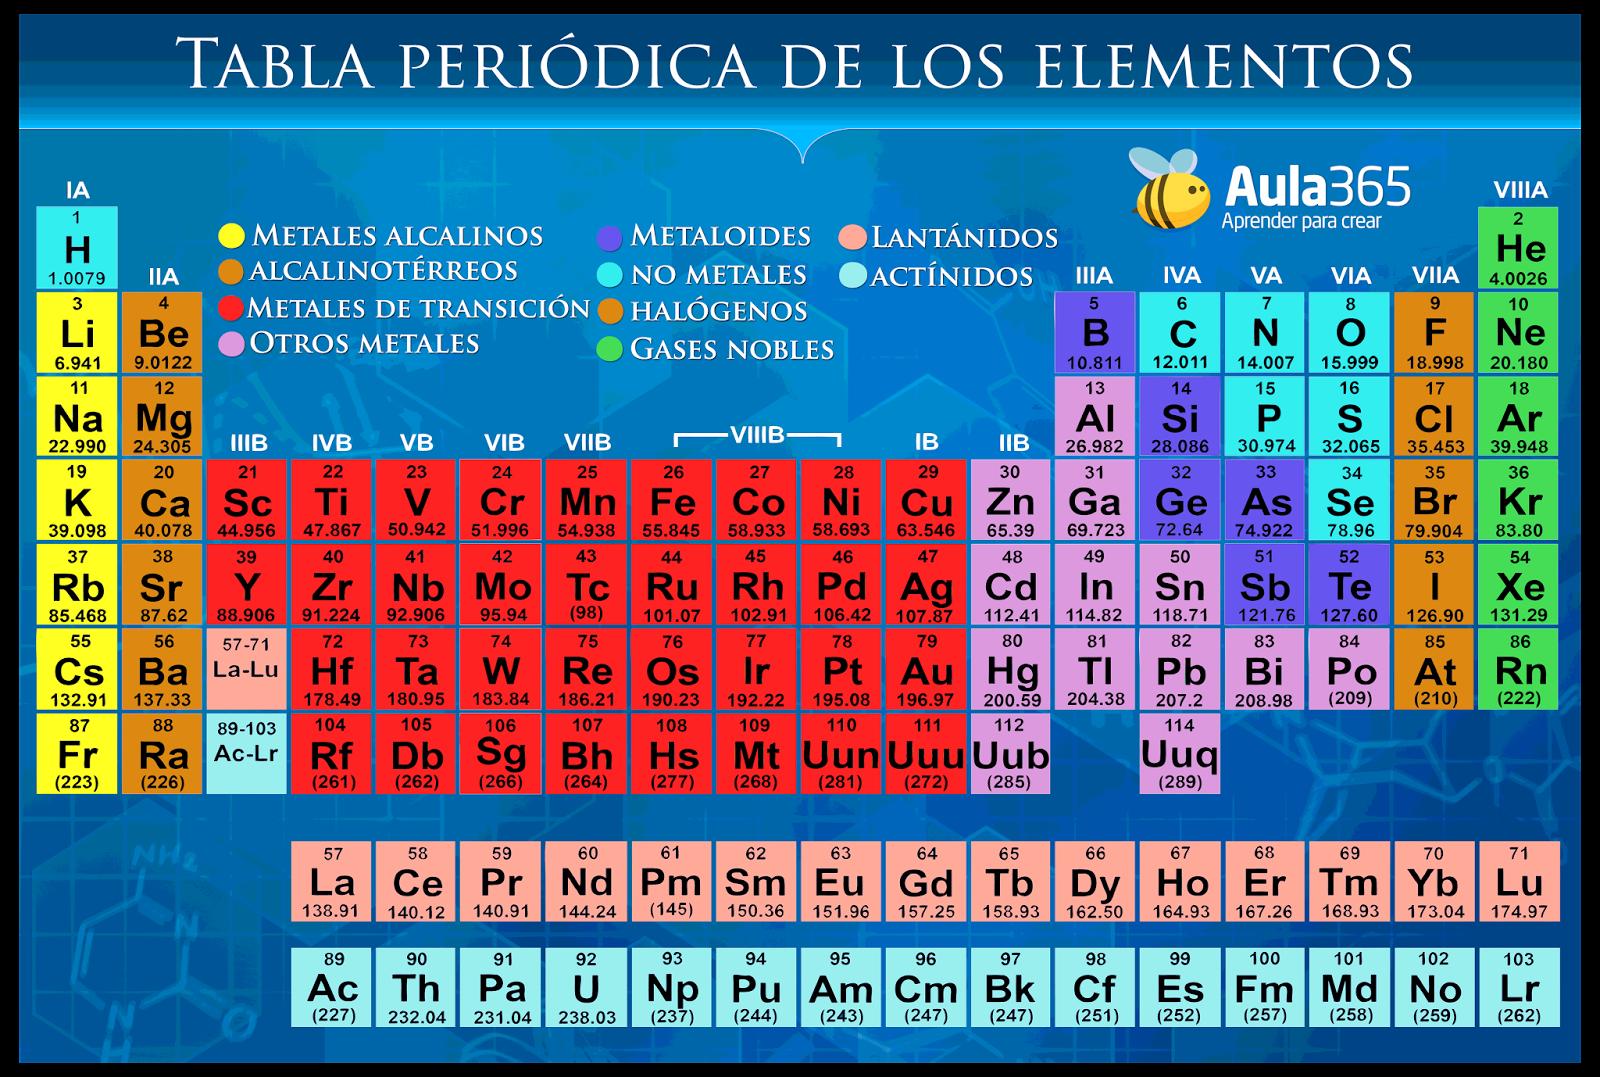 La tabla por el suelo tabla periodica tabla periodica urtaz Image collections